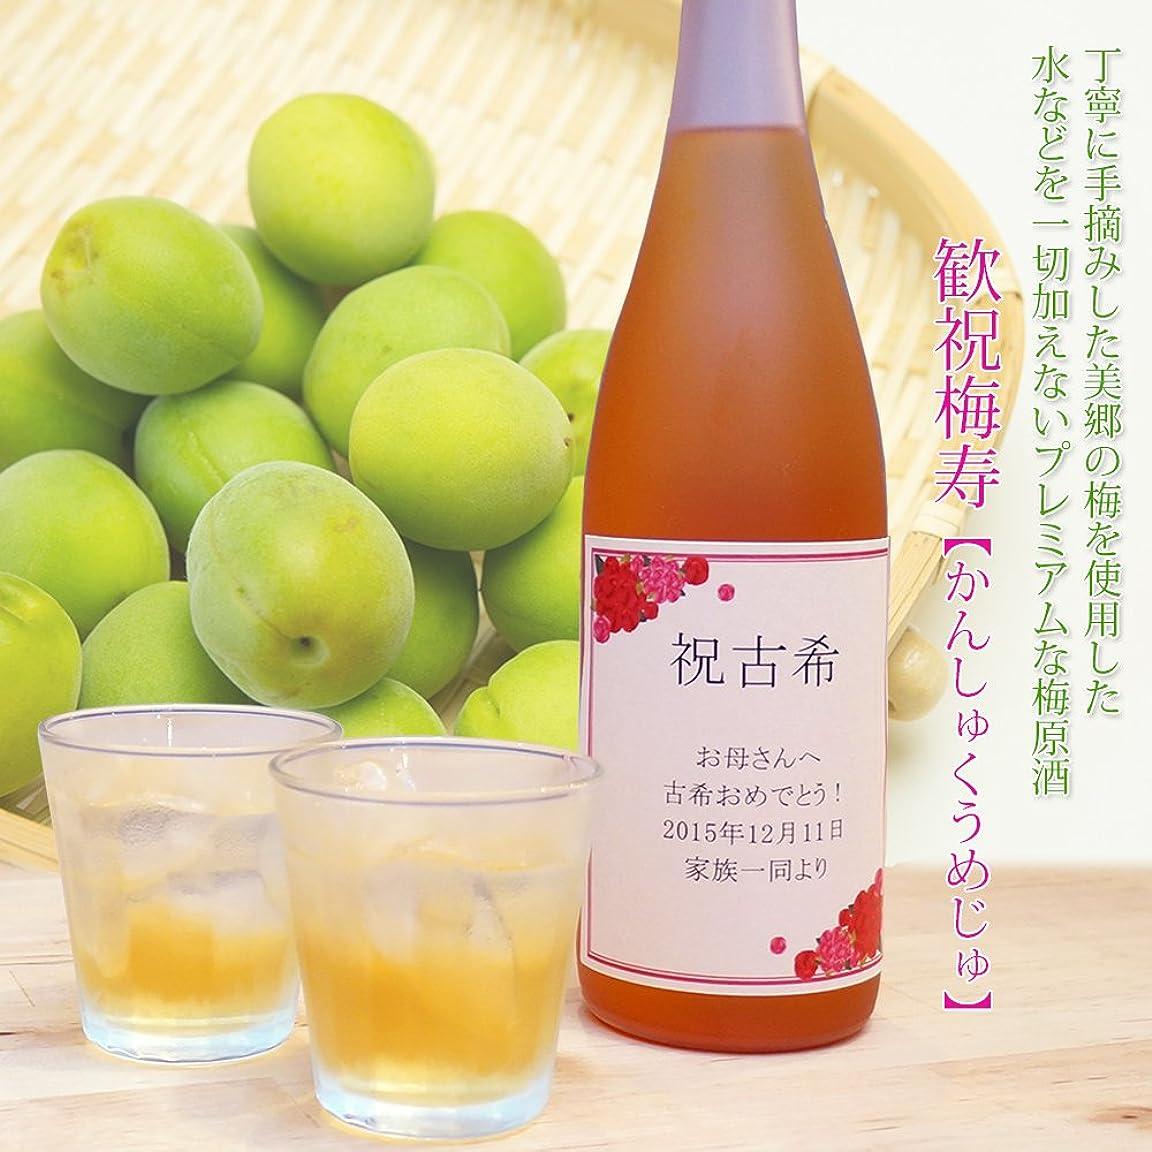 許容できる好奇心盛バラバラにする歓祝梅寿(かんしゅくうめじゅ) オリジナルラベル梅酒